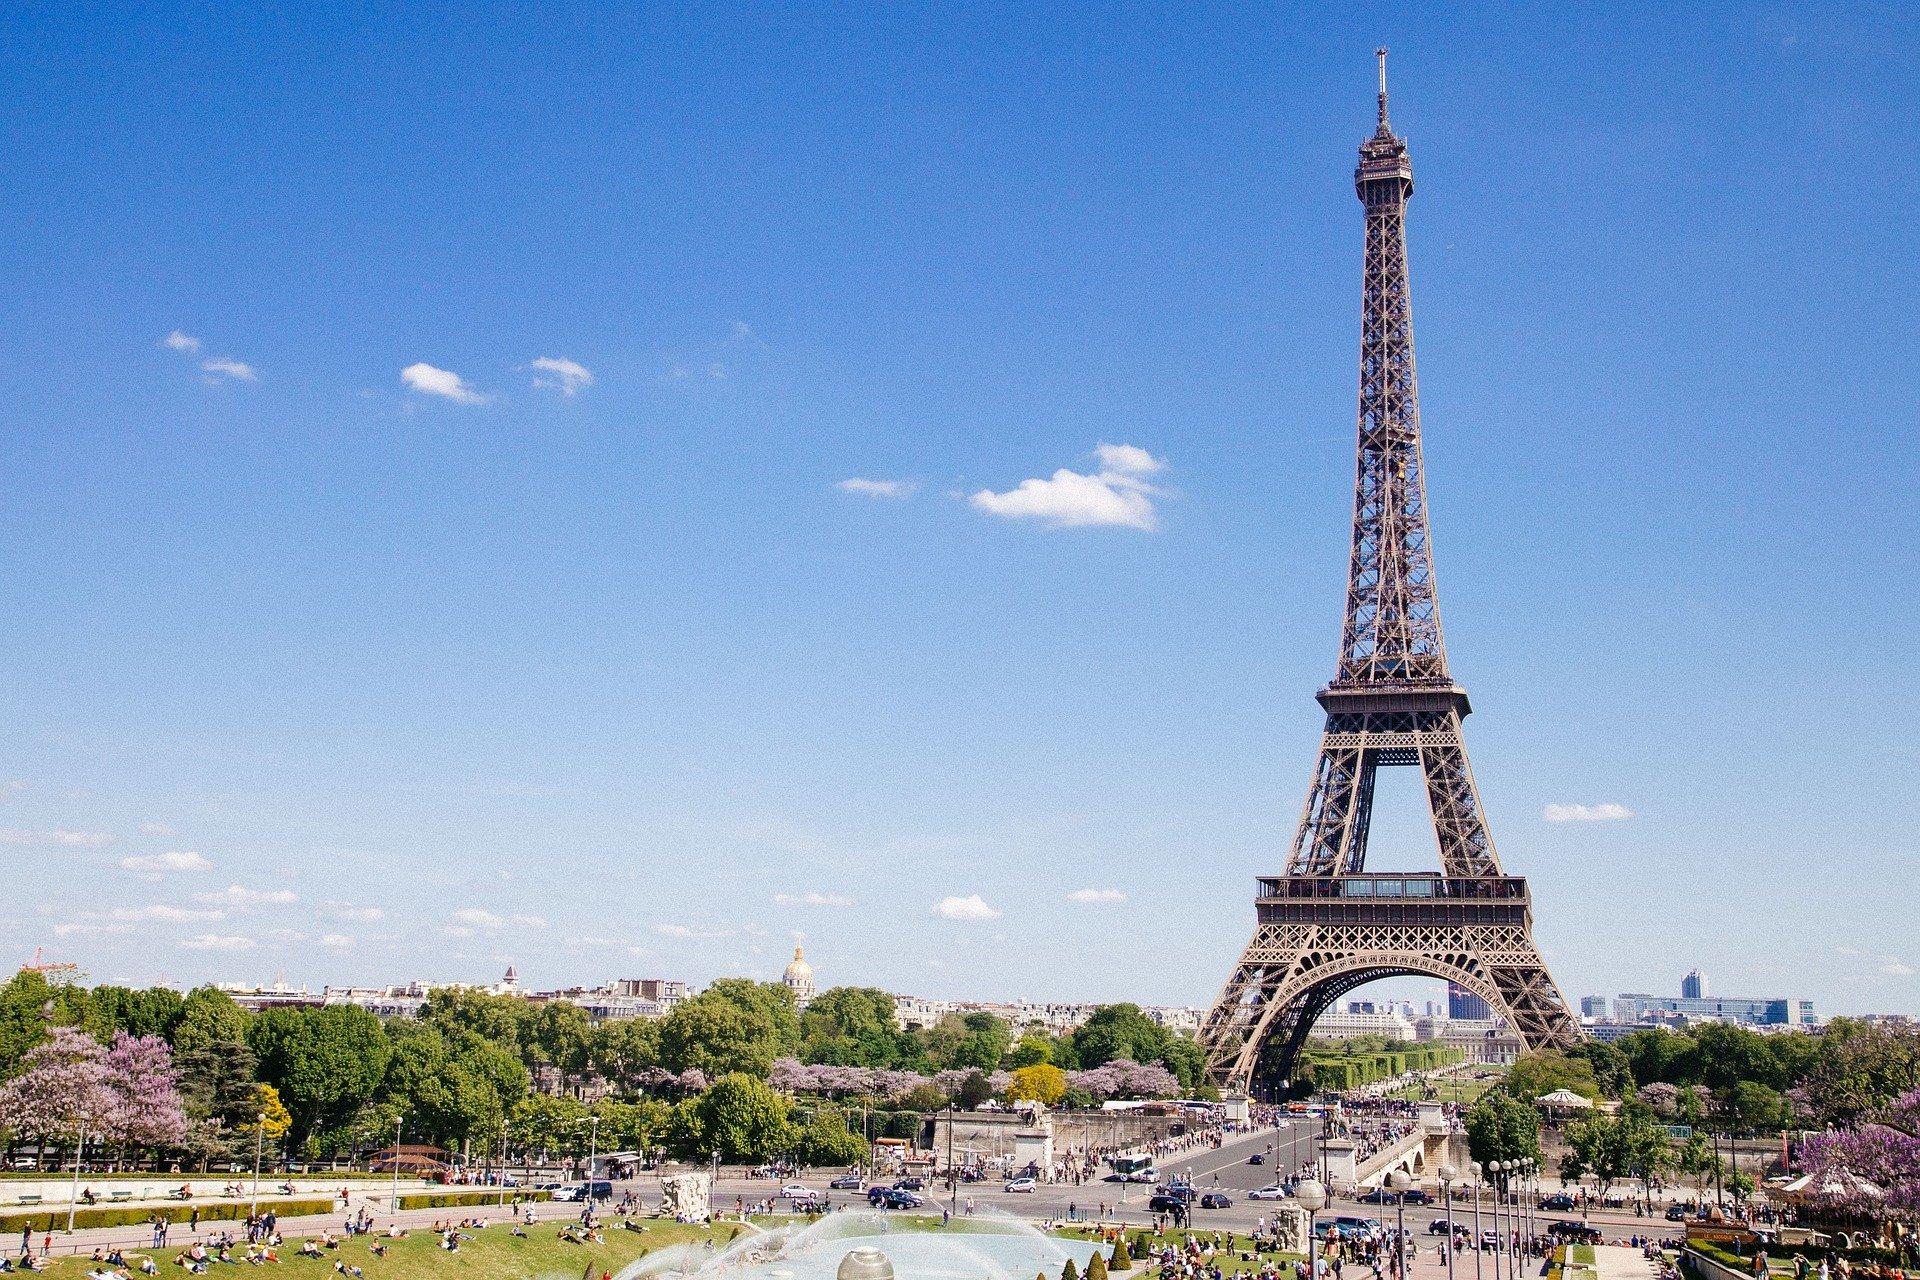 B3 passa a oferecer o primeiro ETF internacional atrelado a índice europeu